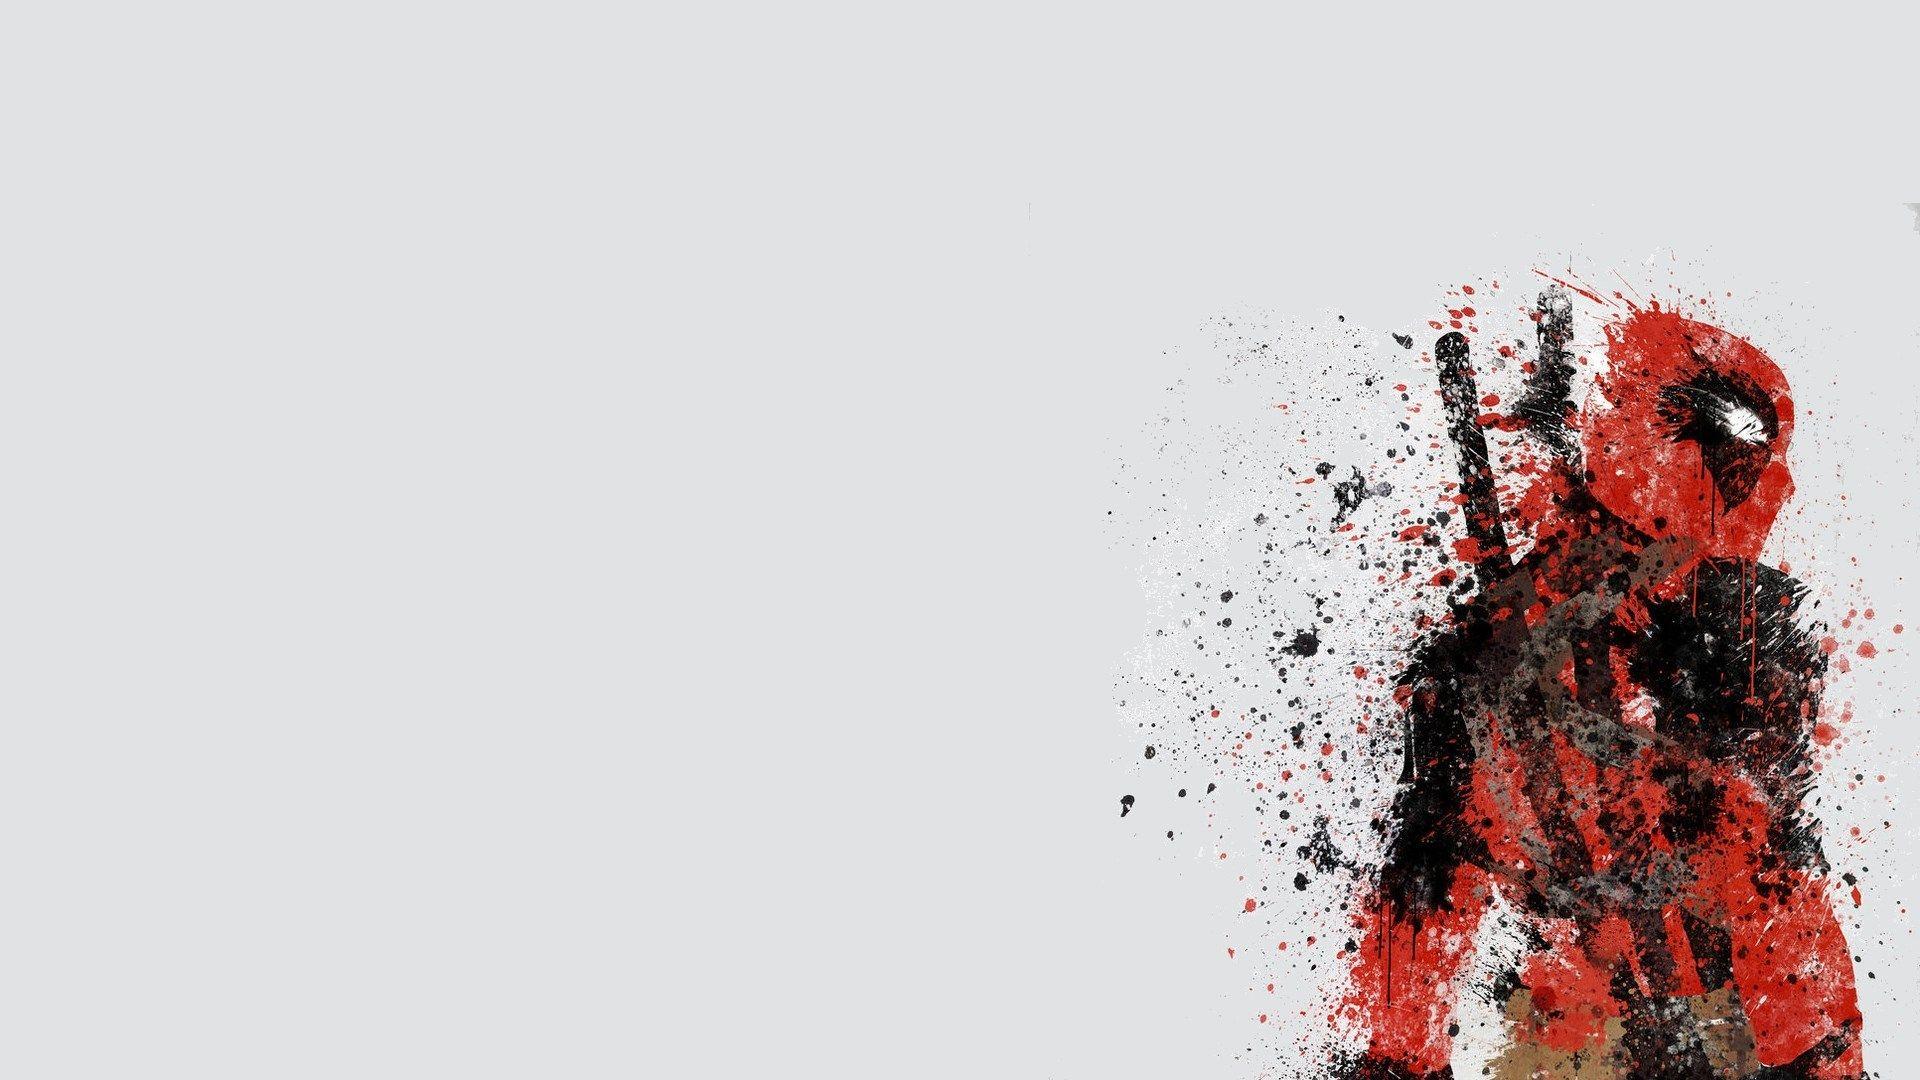 Deadpool Images For Desktop Background Clayton Black 2017 03 04